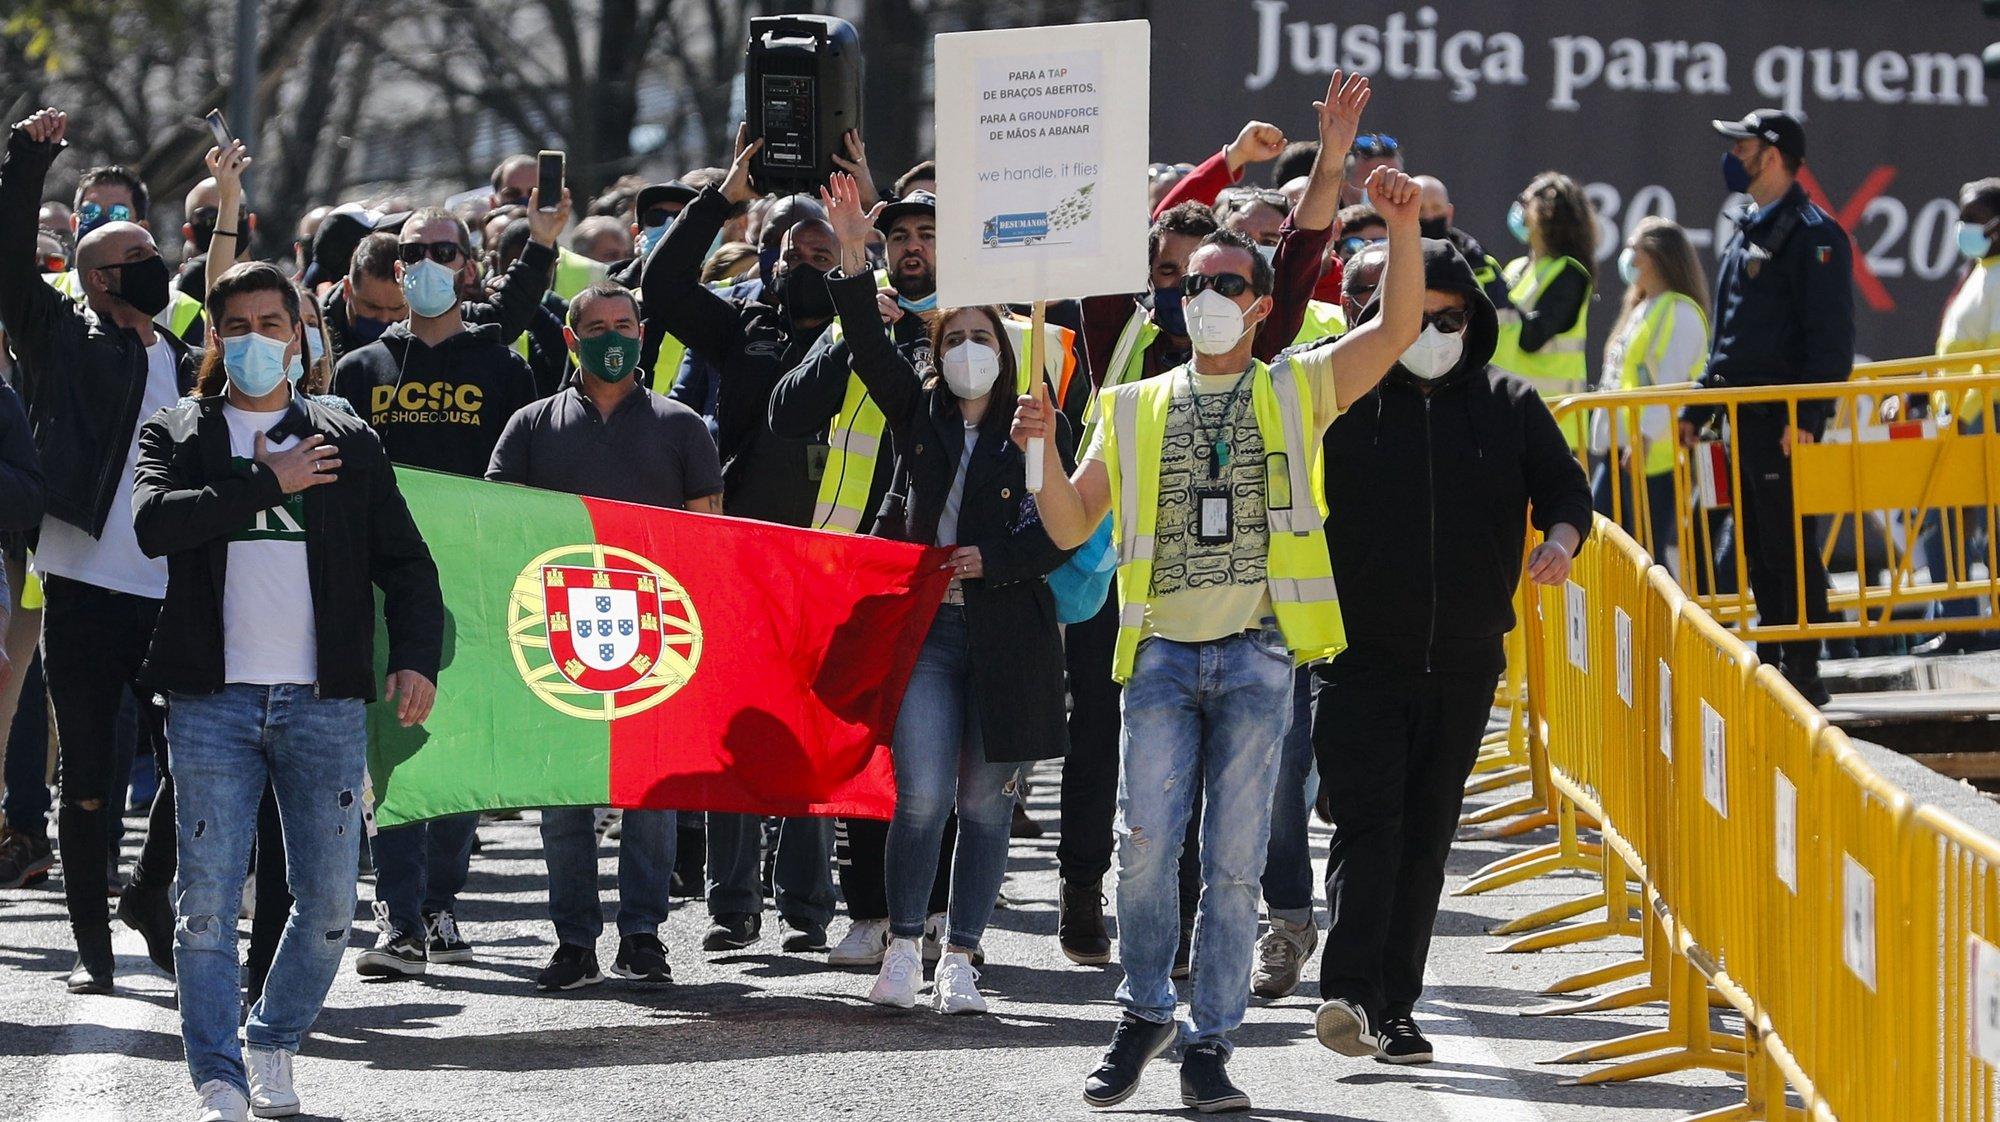 Trabalhadores da Groundforce deslocam-se para a Assembleia da República durante uma manifestação, em Lisboa, 10 de março de 2021. Convocada pelo movimento SOS handling, em protesto pelo não pagamento de salários e os despedimentos anunciados. ANTÓNIO COTRIM/LUSA